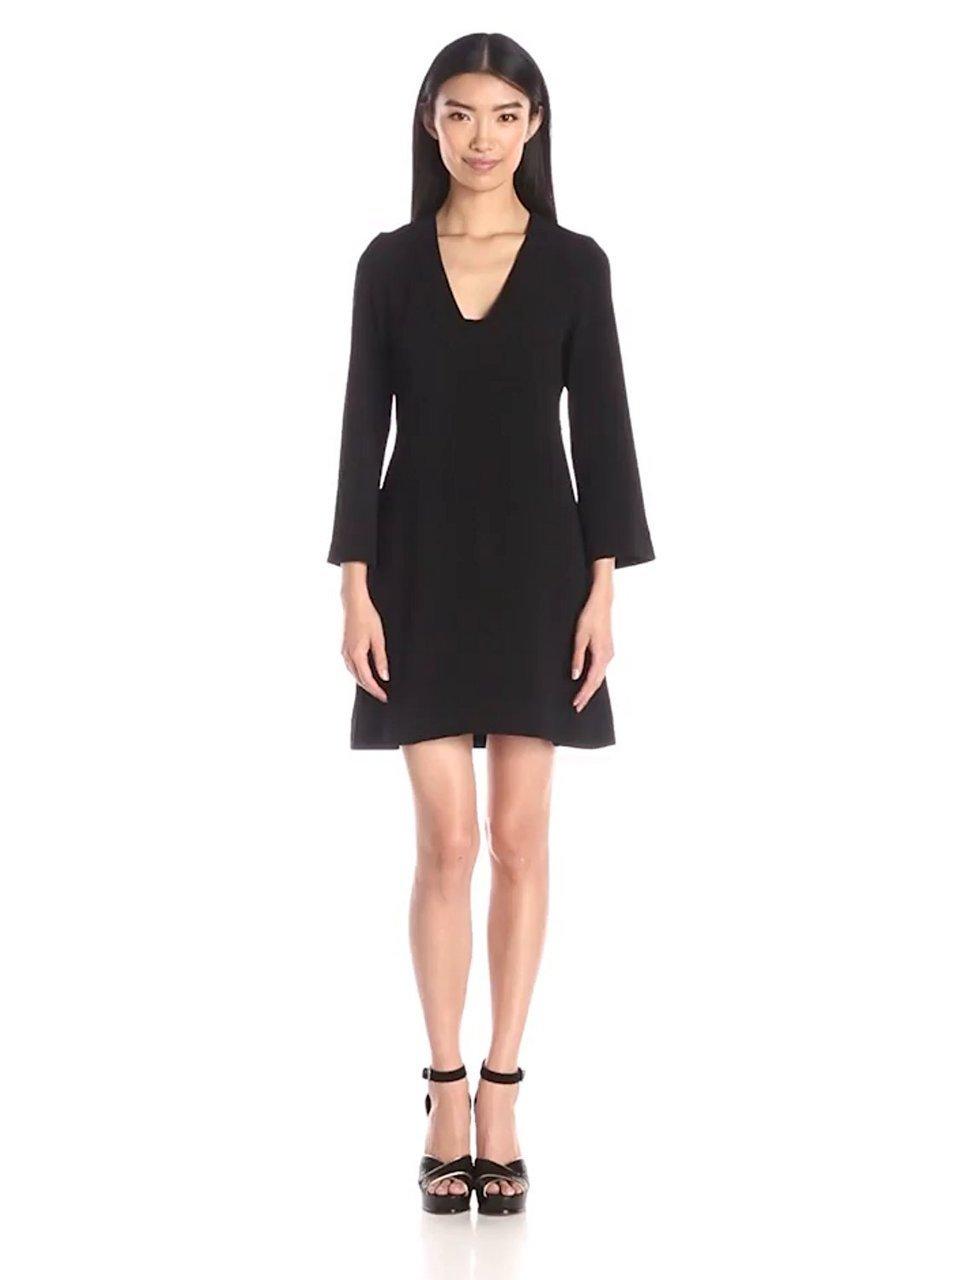 Taylor - Bell Sleeves V-Neck Short Crepe Dress 7038M